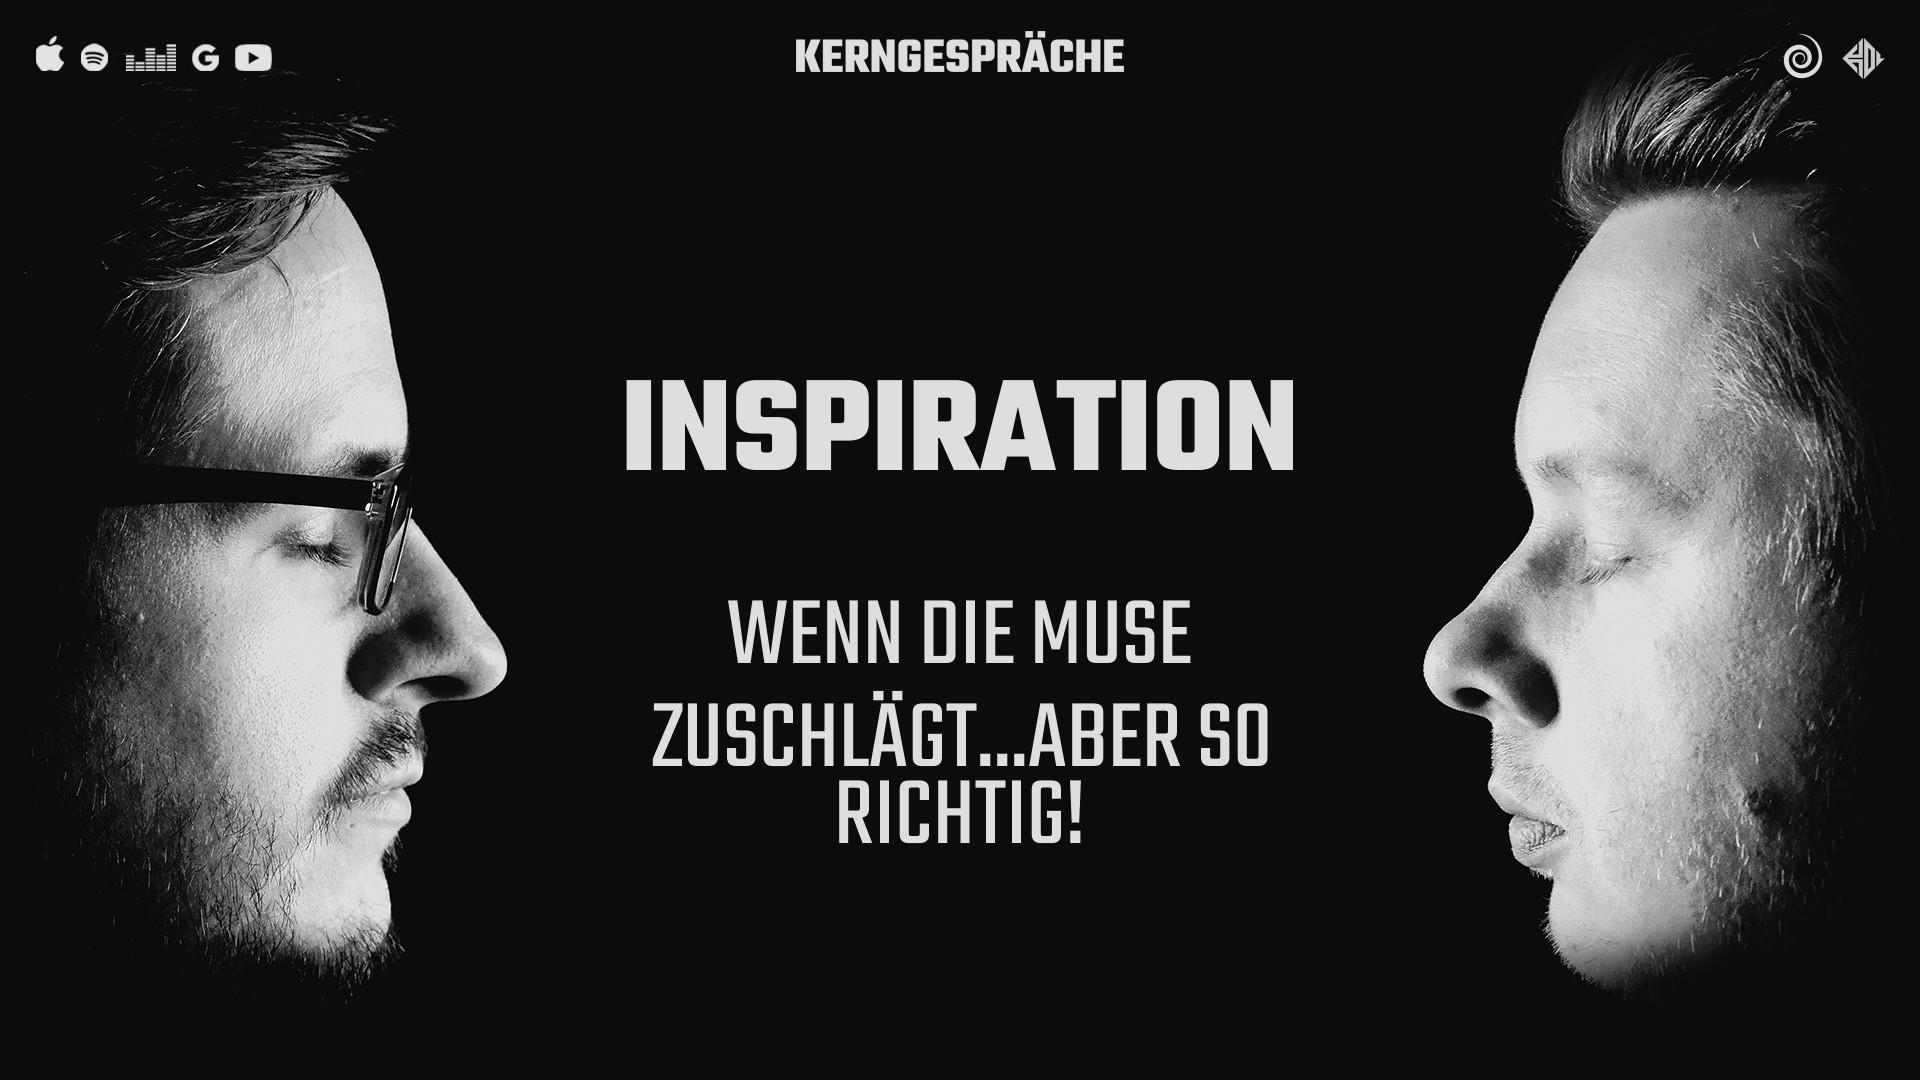 Inspiration: Wenn die Muse zuschlägt...aber so richtig!